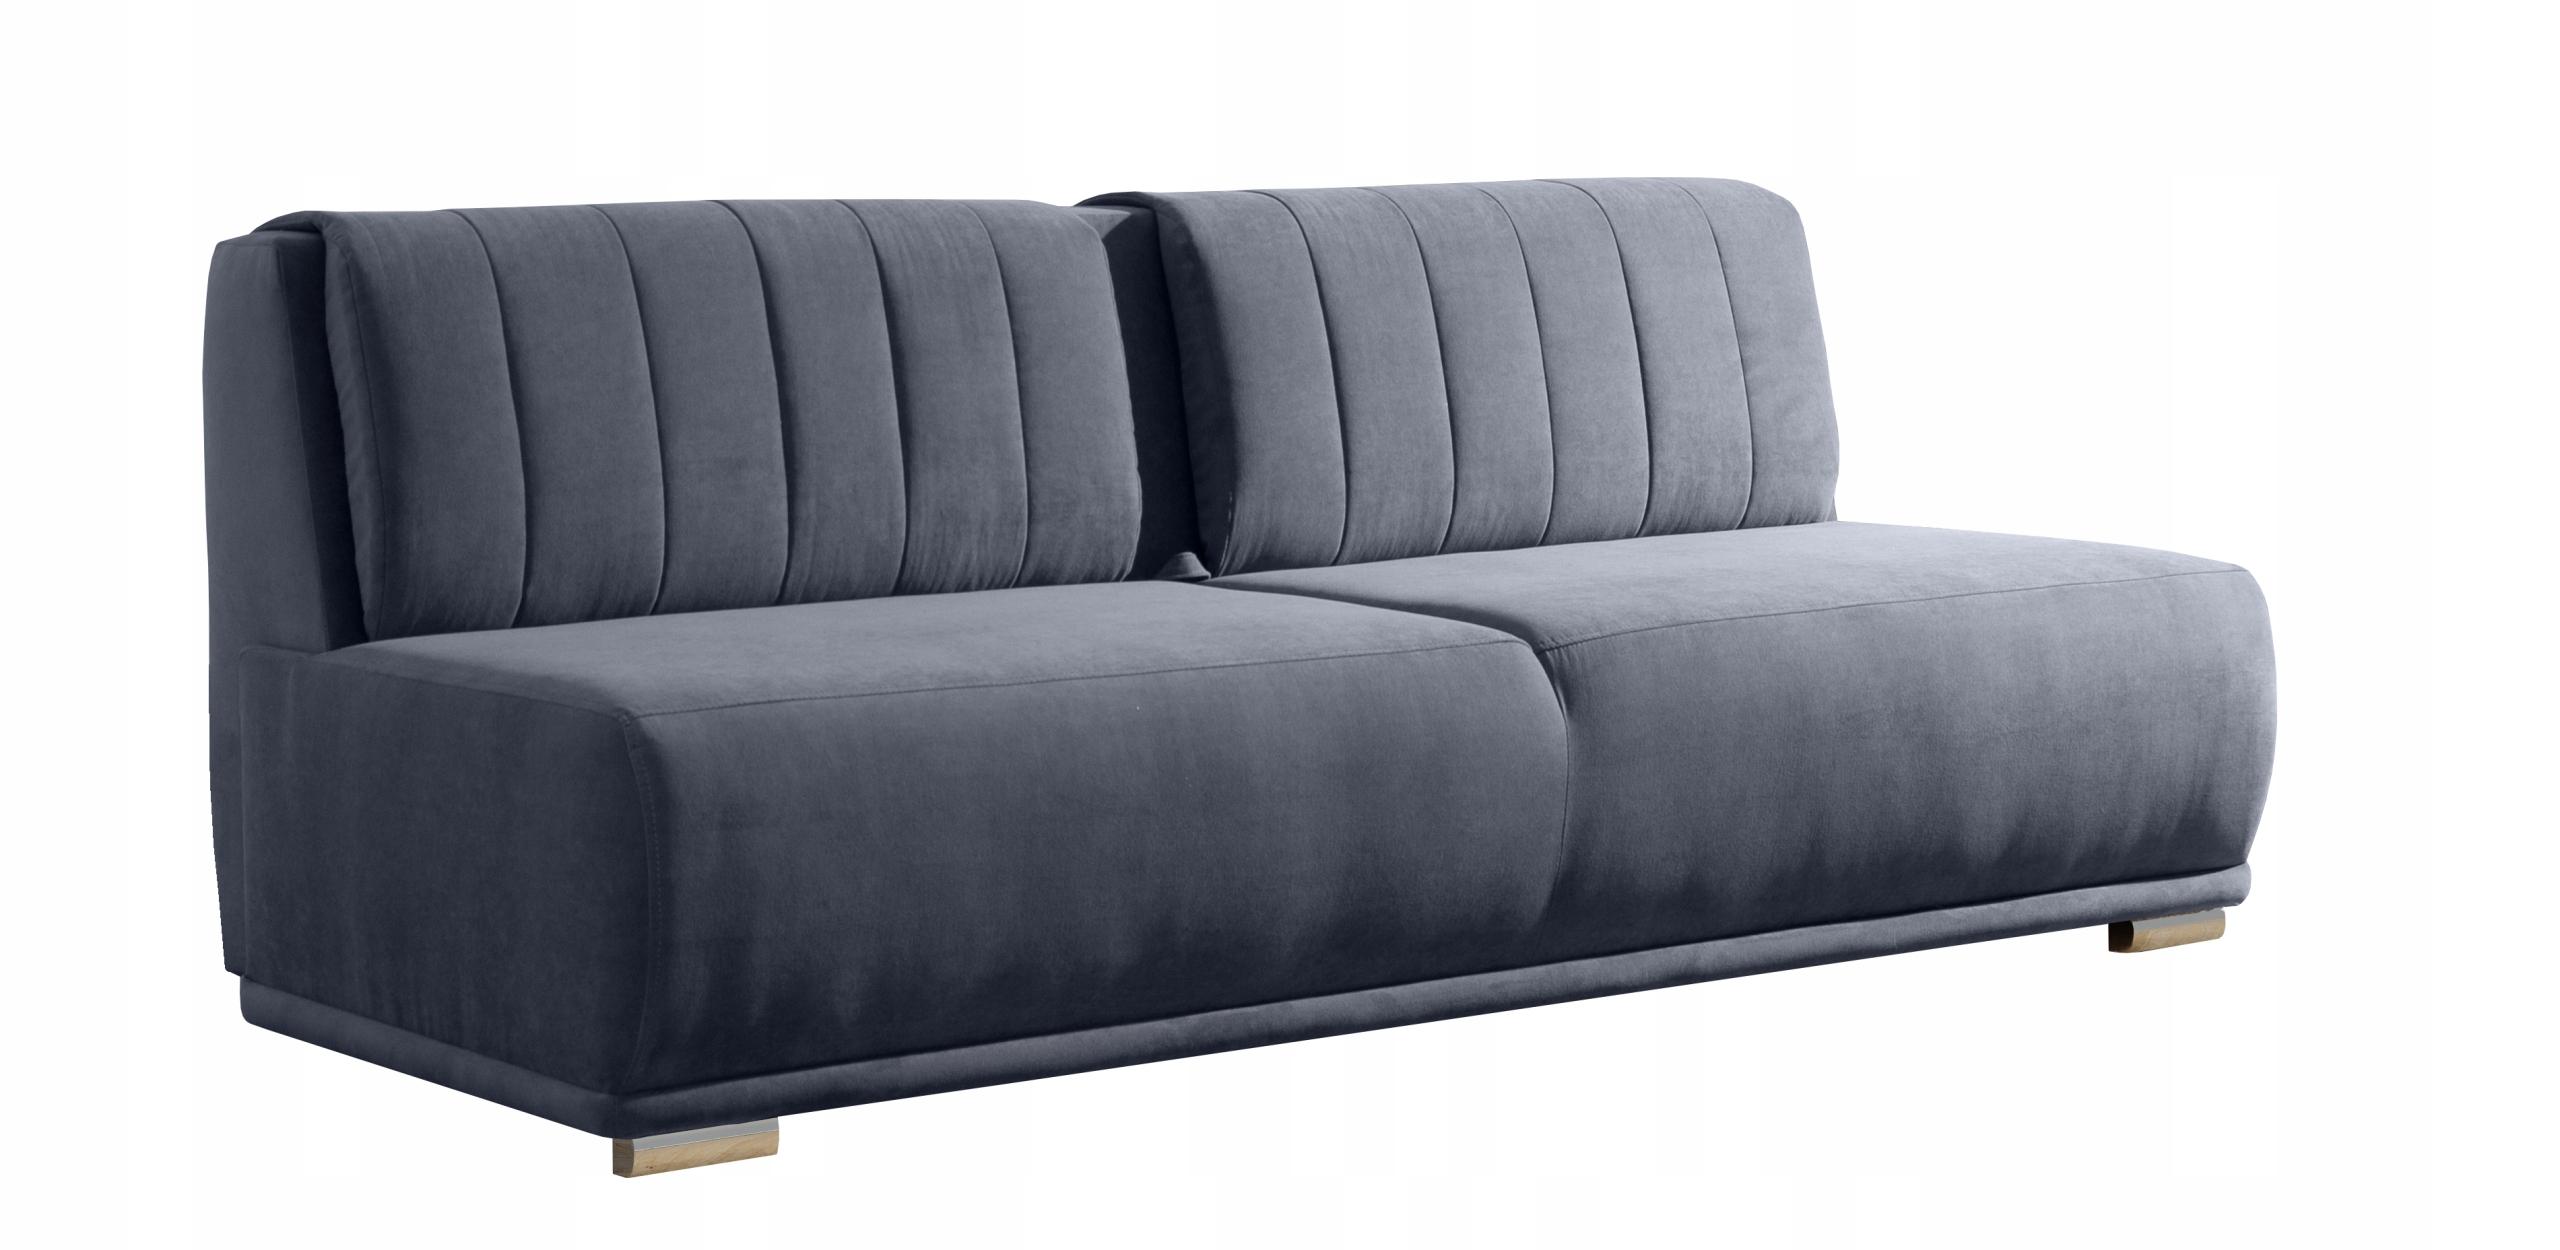 MERINDA Avantgarde-Sofa - Automatikmaschine DL Größe für drei